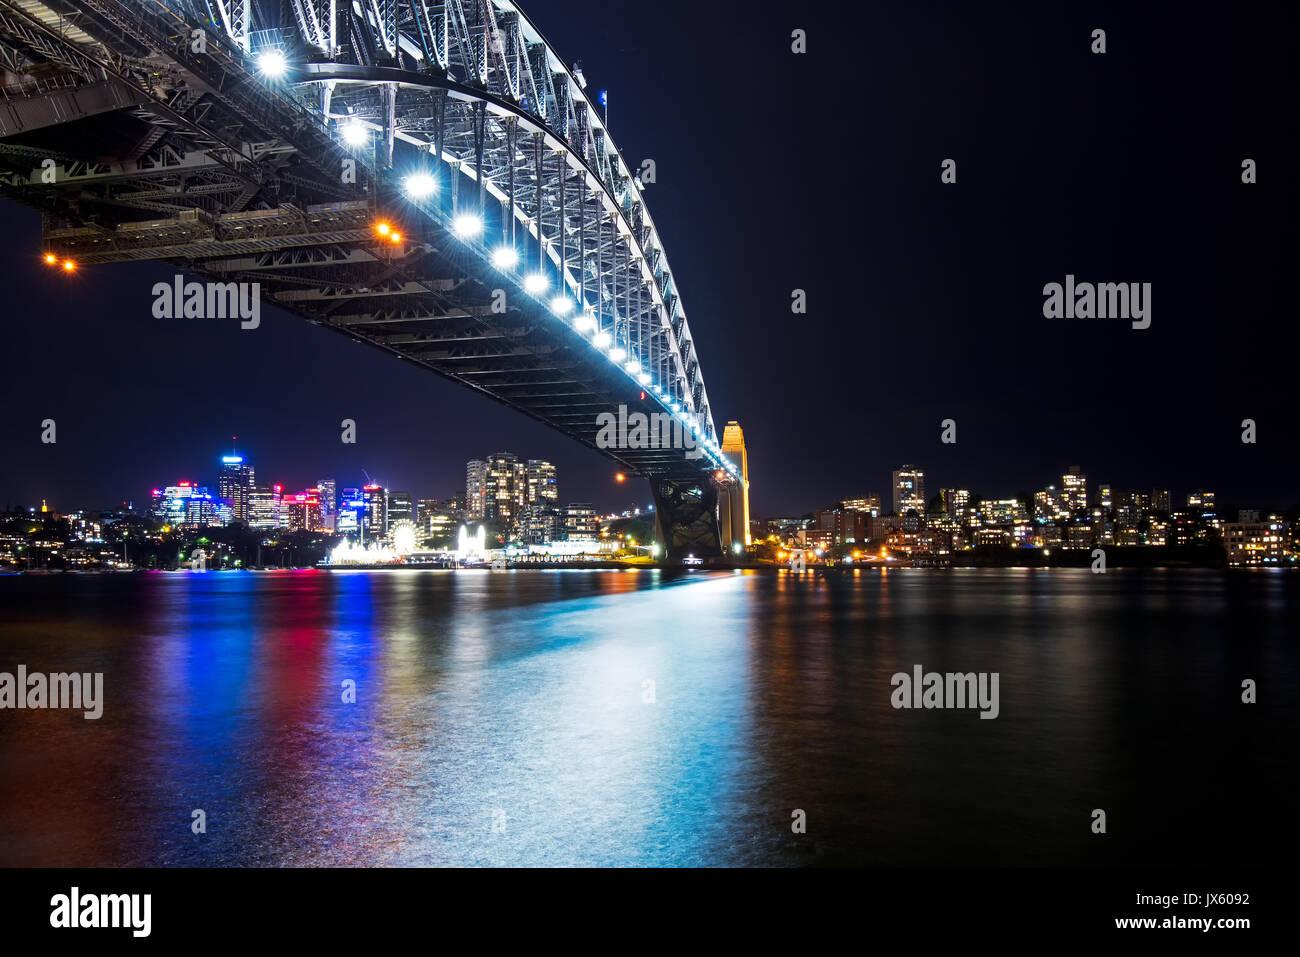 Reflet de lumière colorée à Sydney Harbour Bridge de nuit de Circular Quay, Sydney, Australie Photo Stock